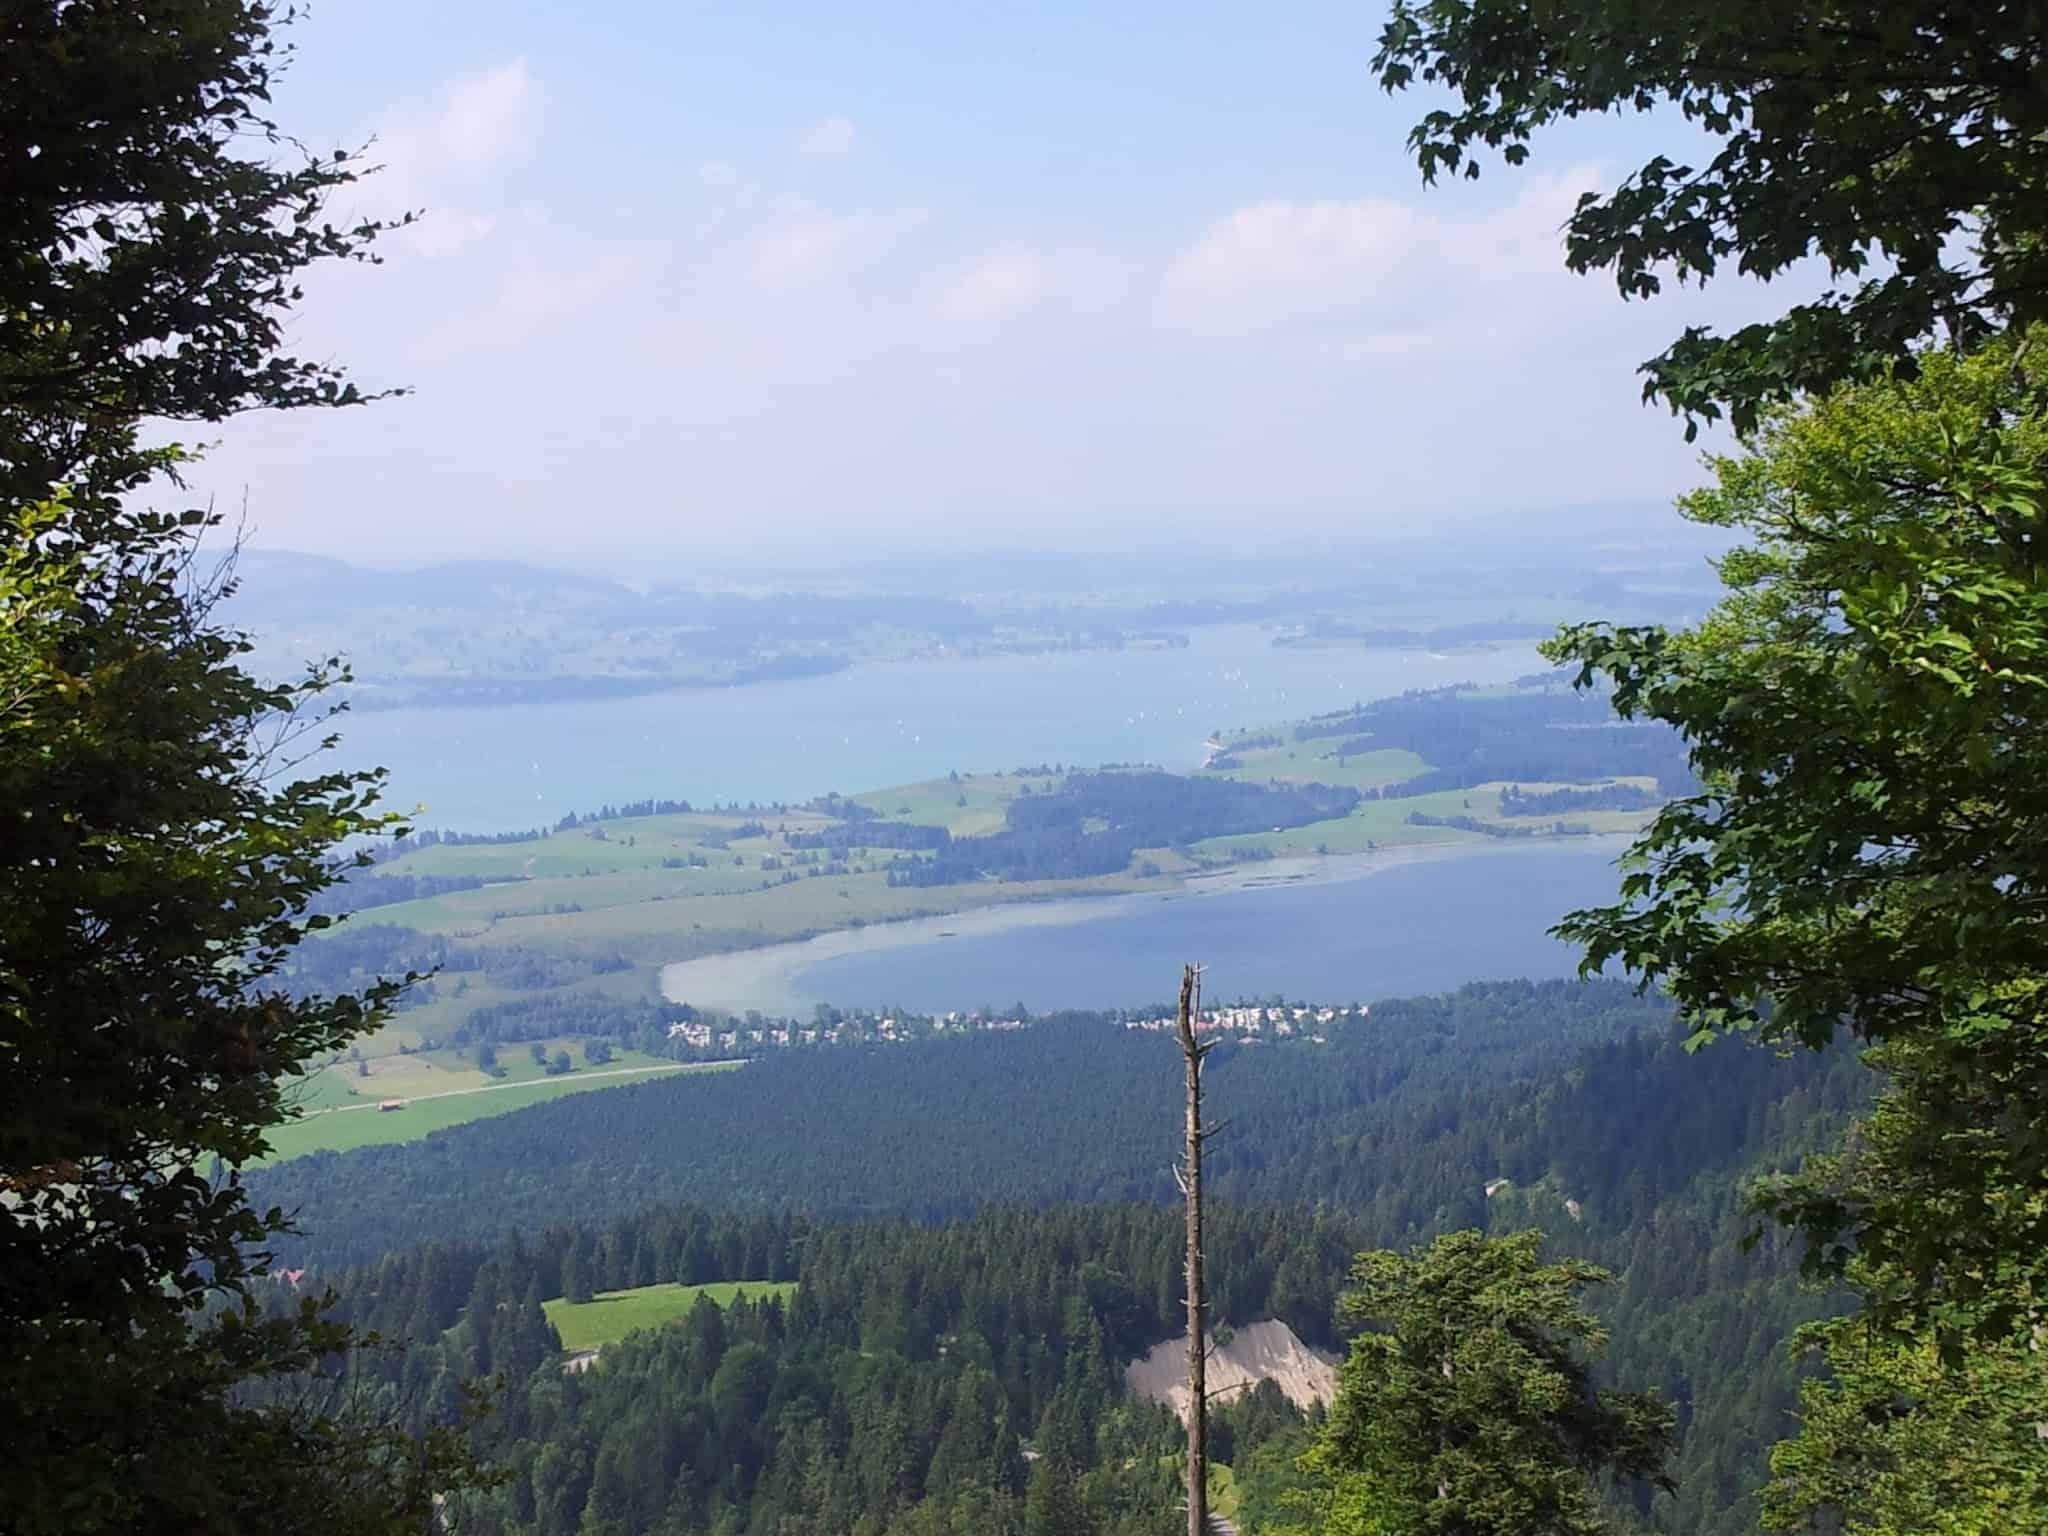 Blick auf den Bannwaldsee und den Forggensee vom Aufstieg von der Drehhütte auf den Tegelberg